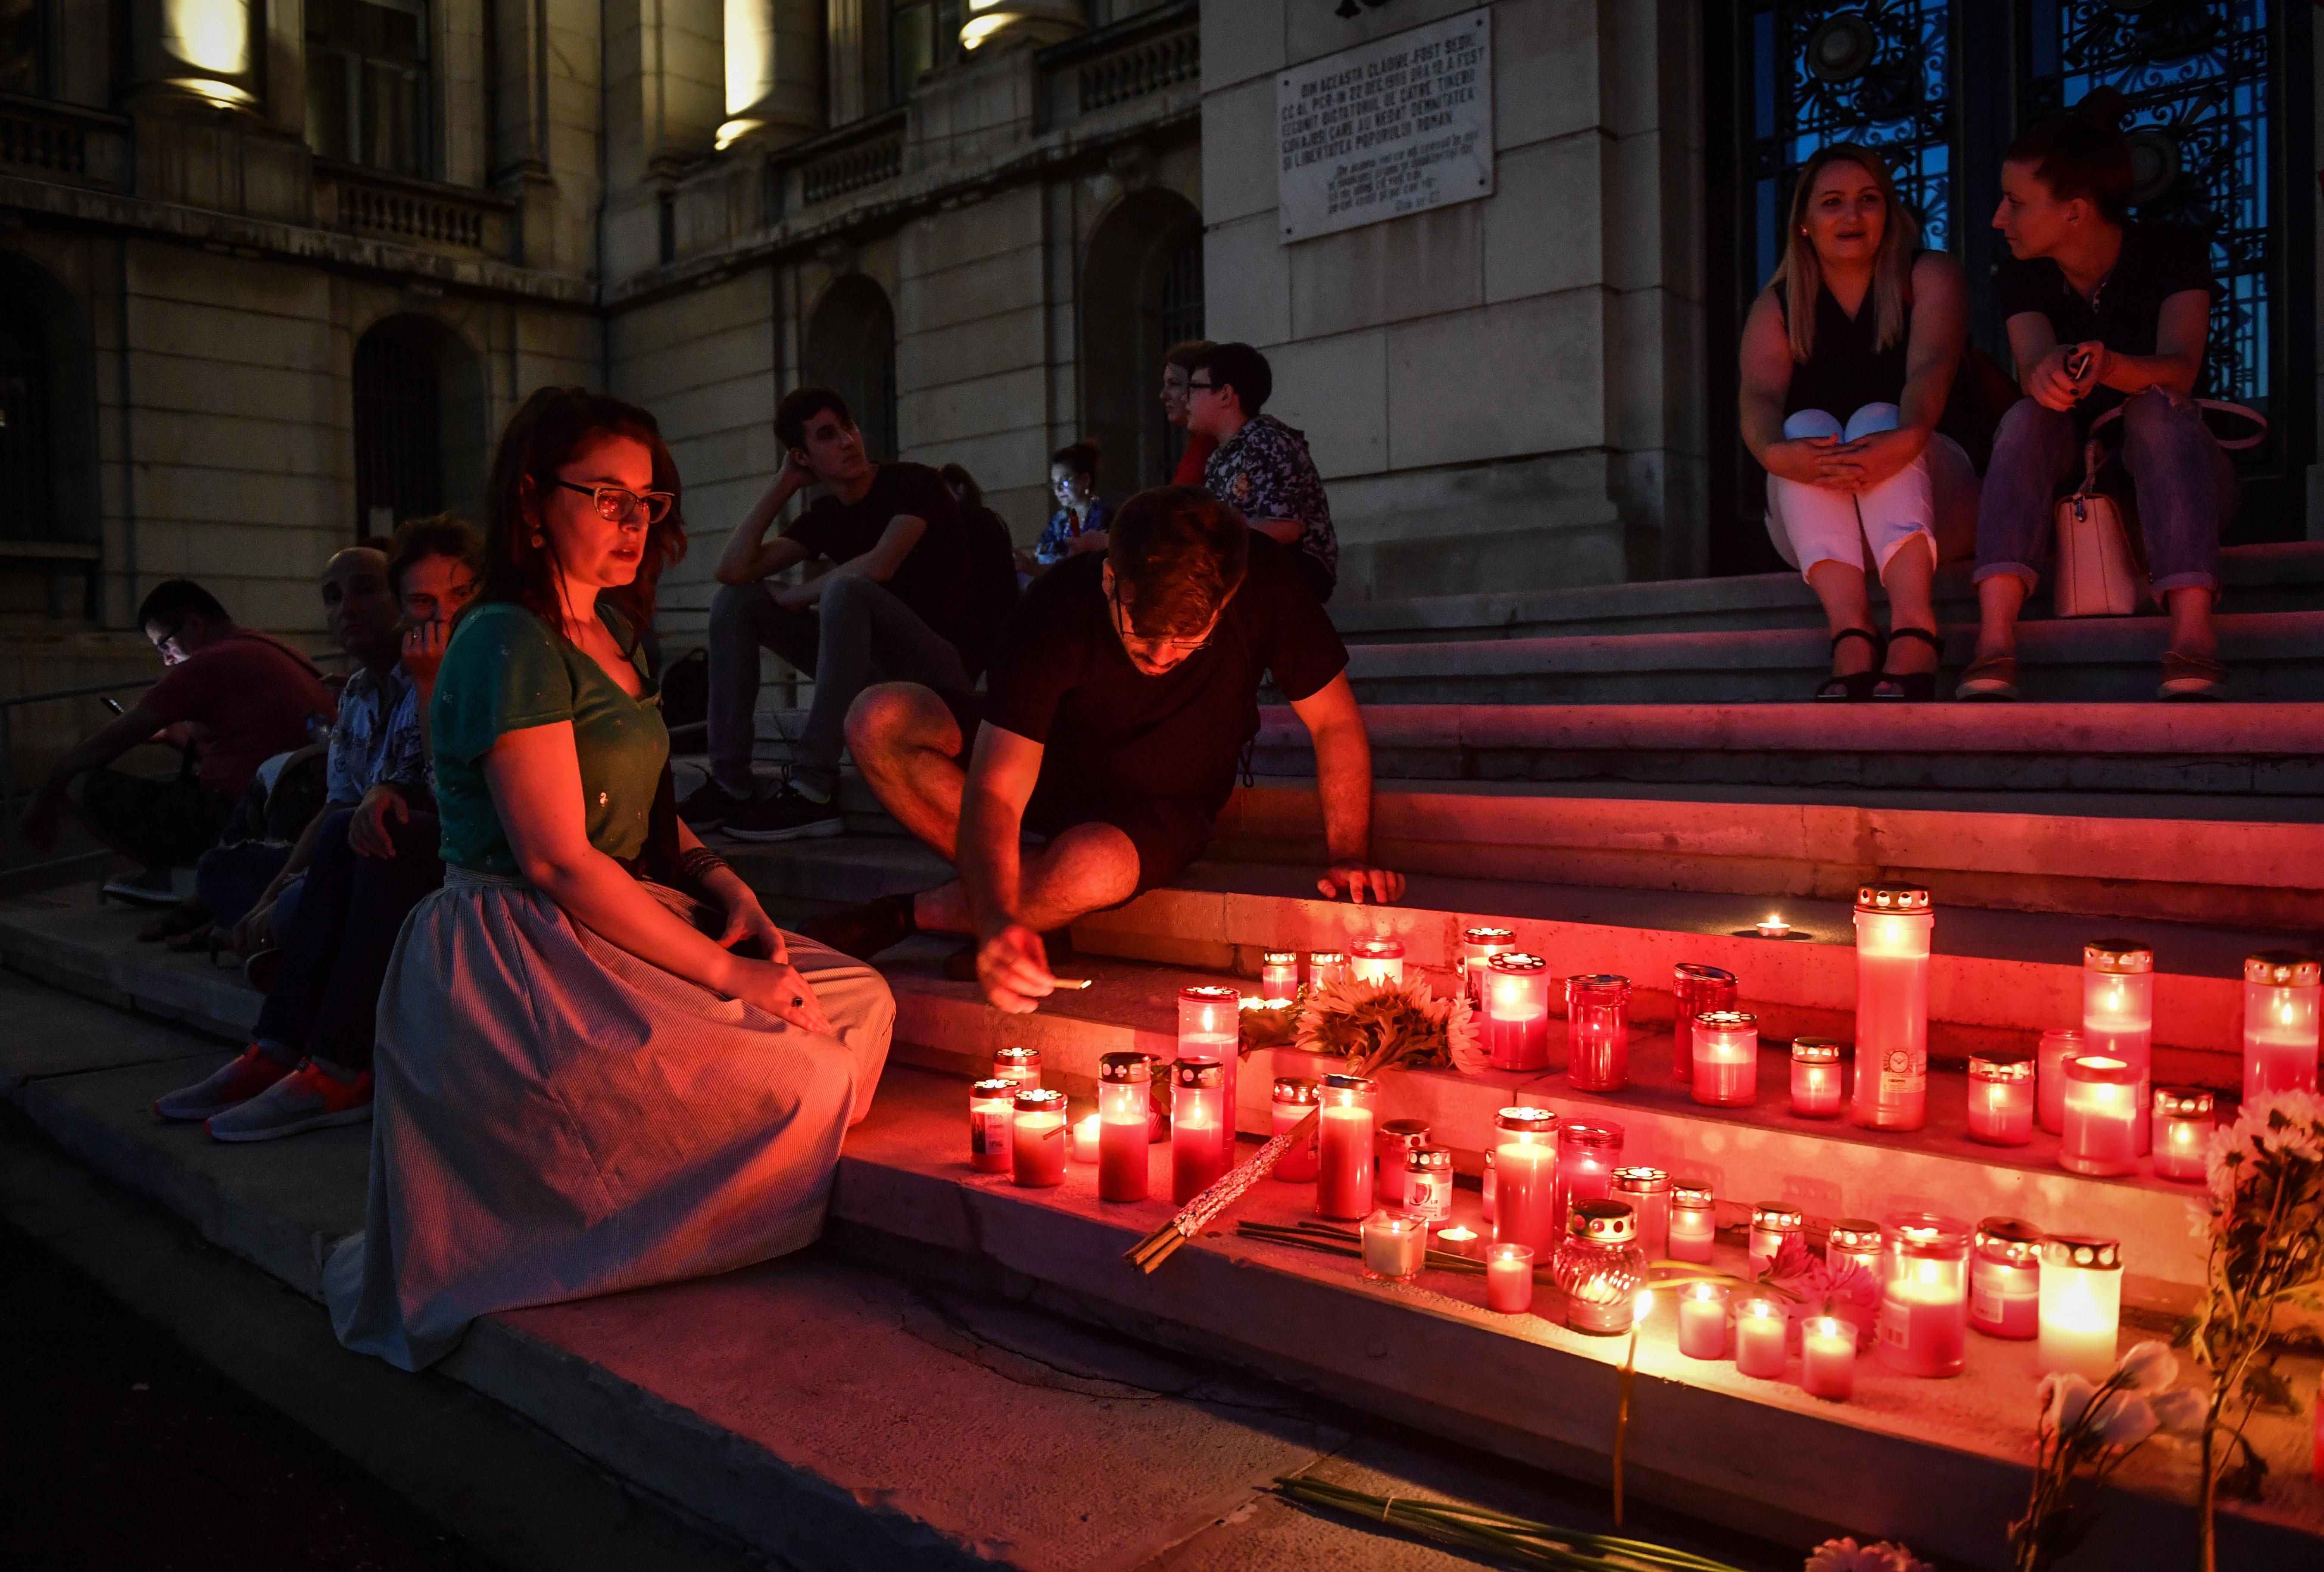 A tizenéves lányok megölésével vádolt román férfi elismerte, hogy elégette a 15 éves áldozatát